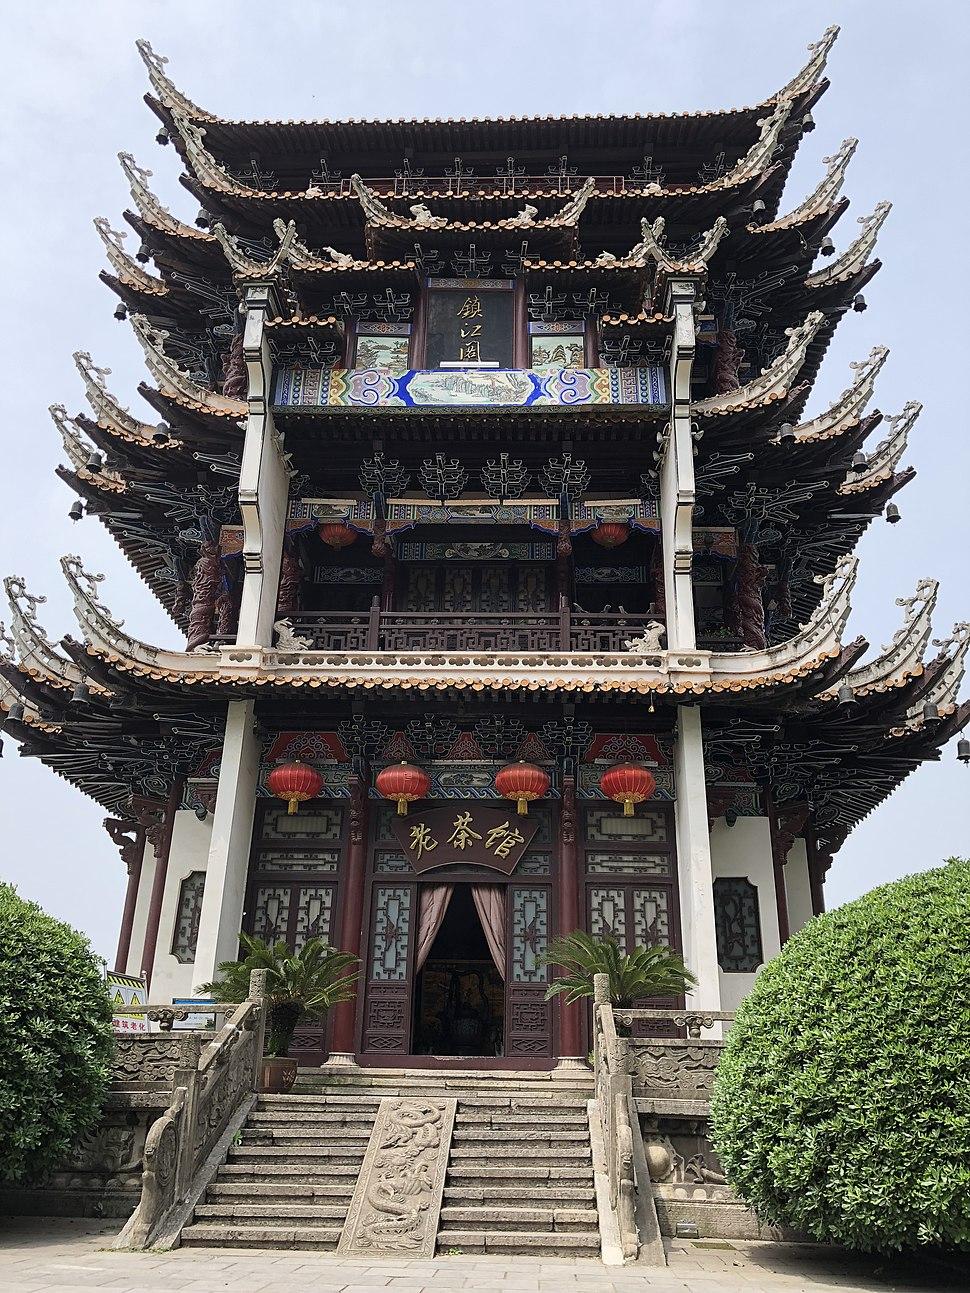 Zhenjiang Pavilion %EF%BC%88Yichang%EF%BC%89 03